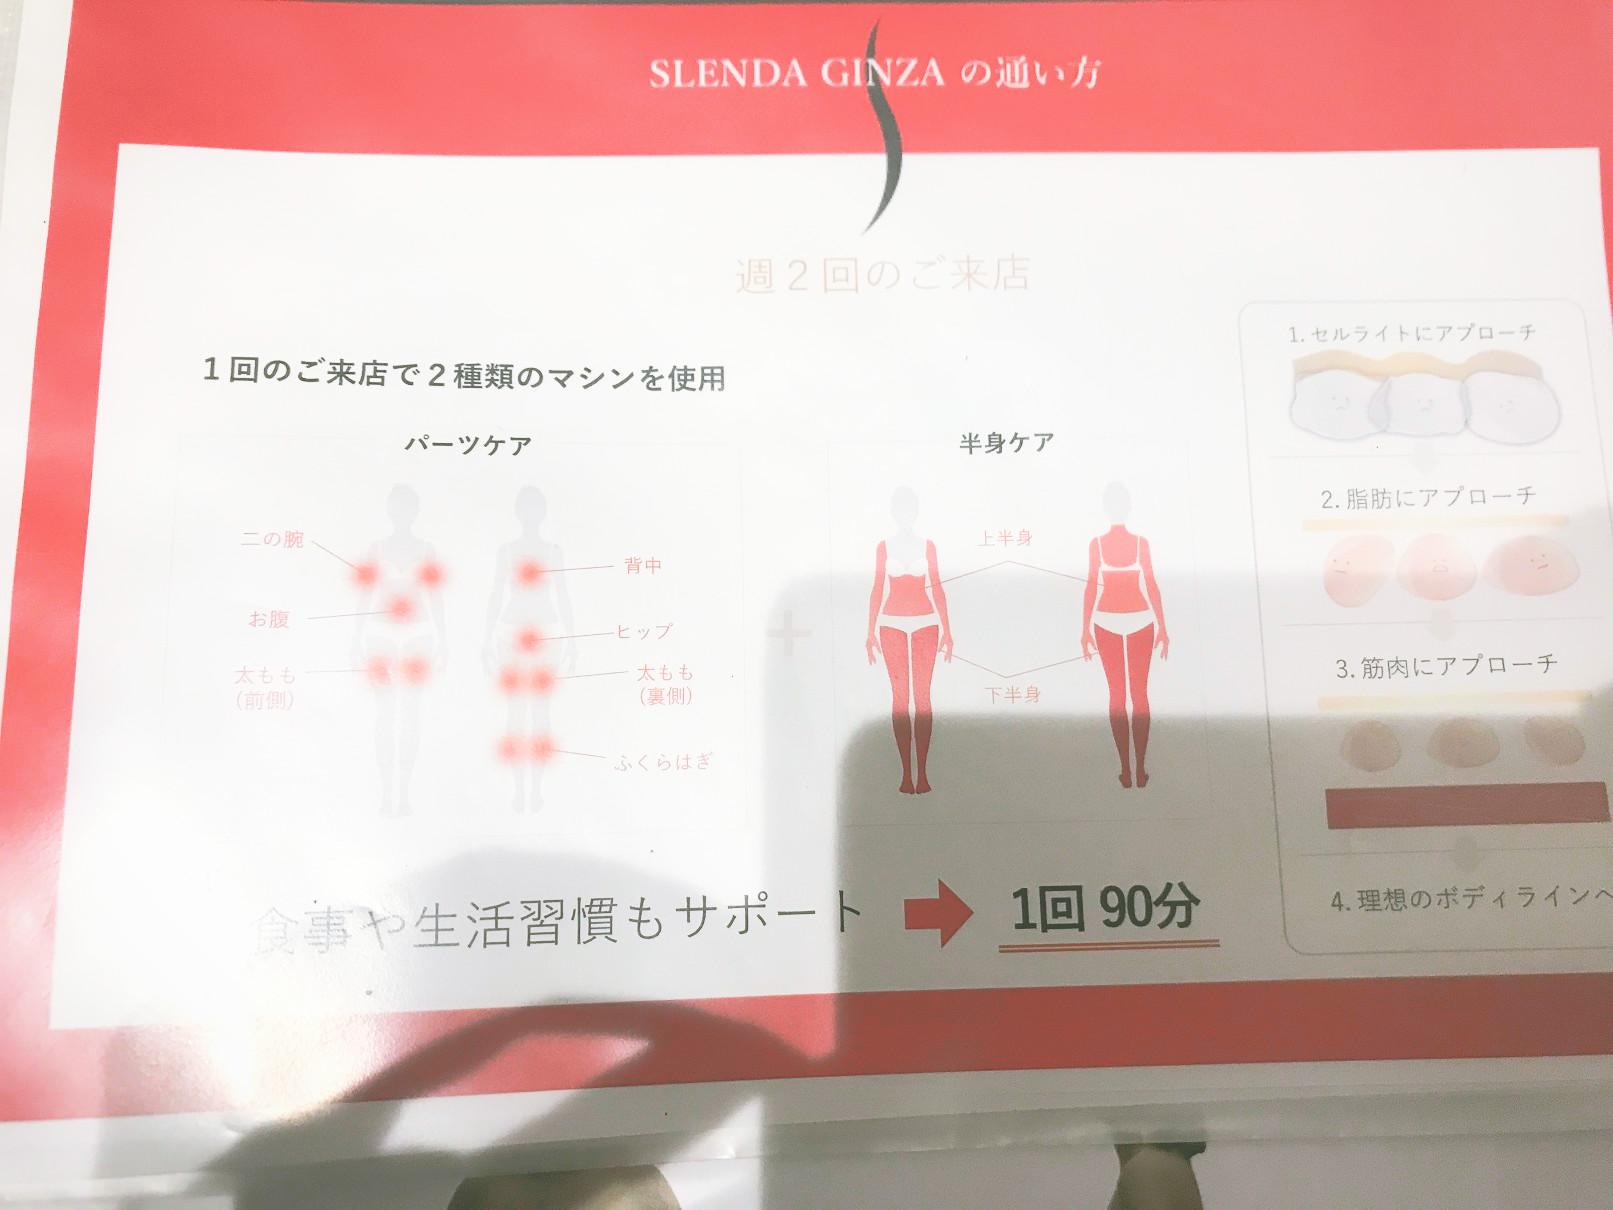 痩身エステスレンダ銀座銀座本店初回体験アラサー女子口コミレポ